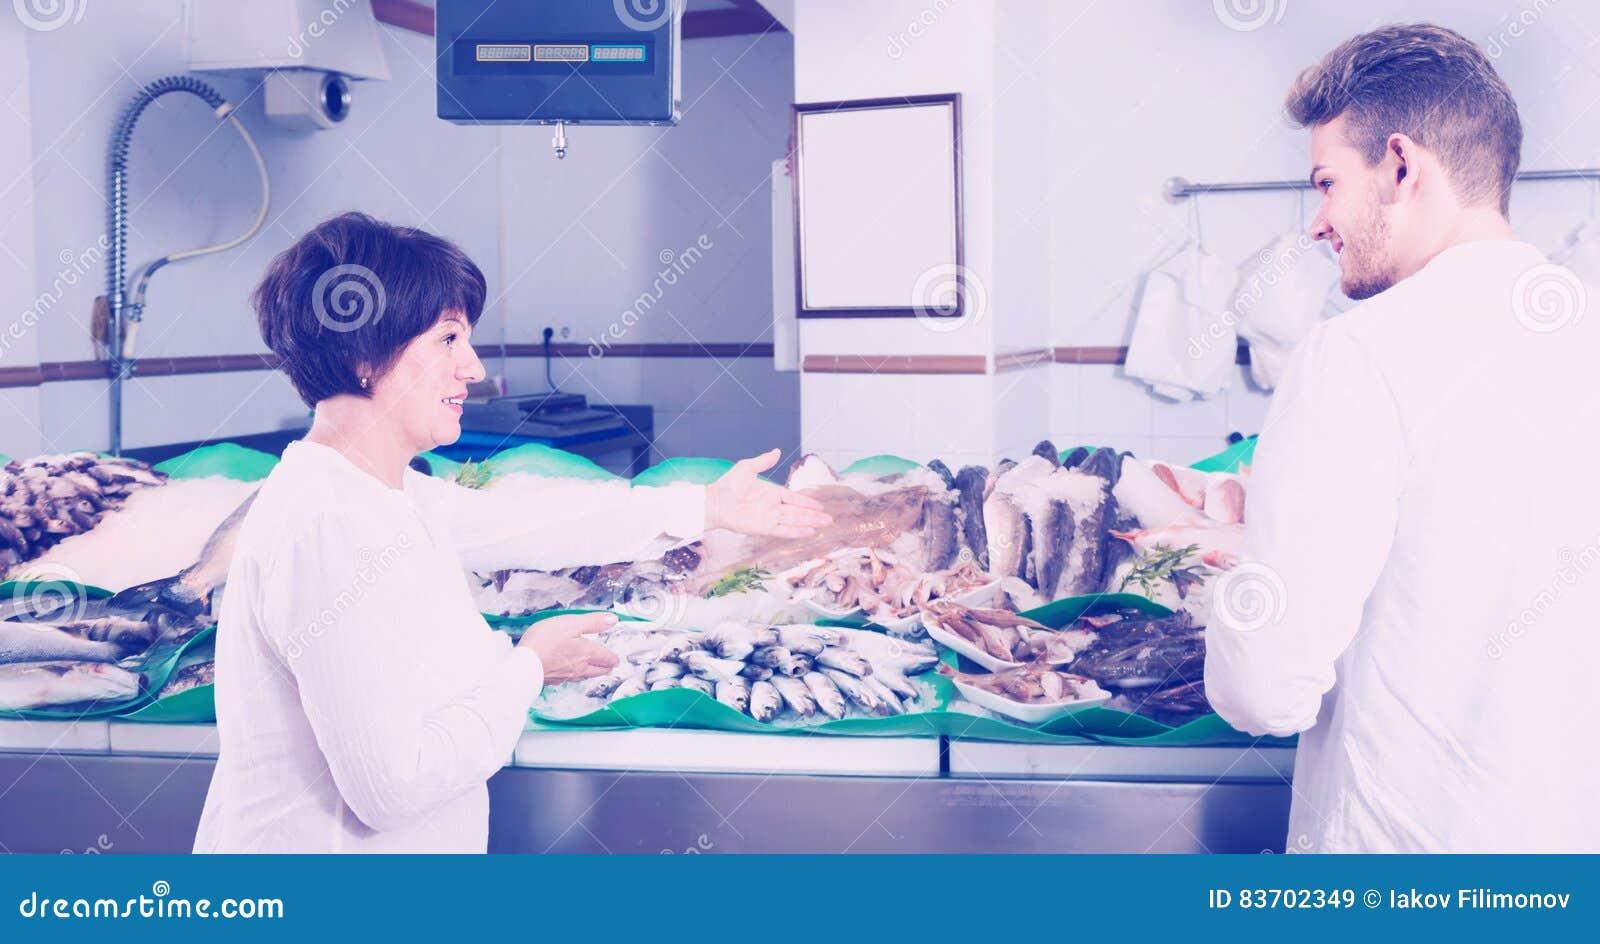 Положительные клиенты выбирая морепродукты в магазине